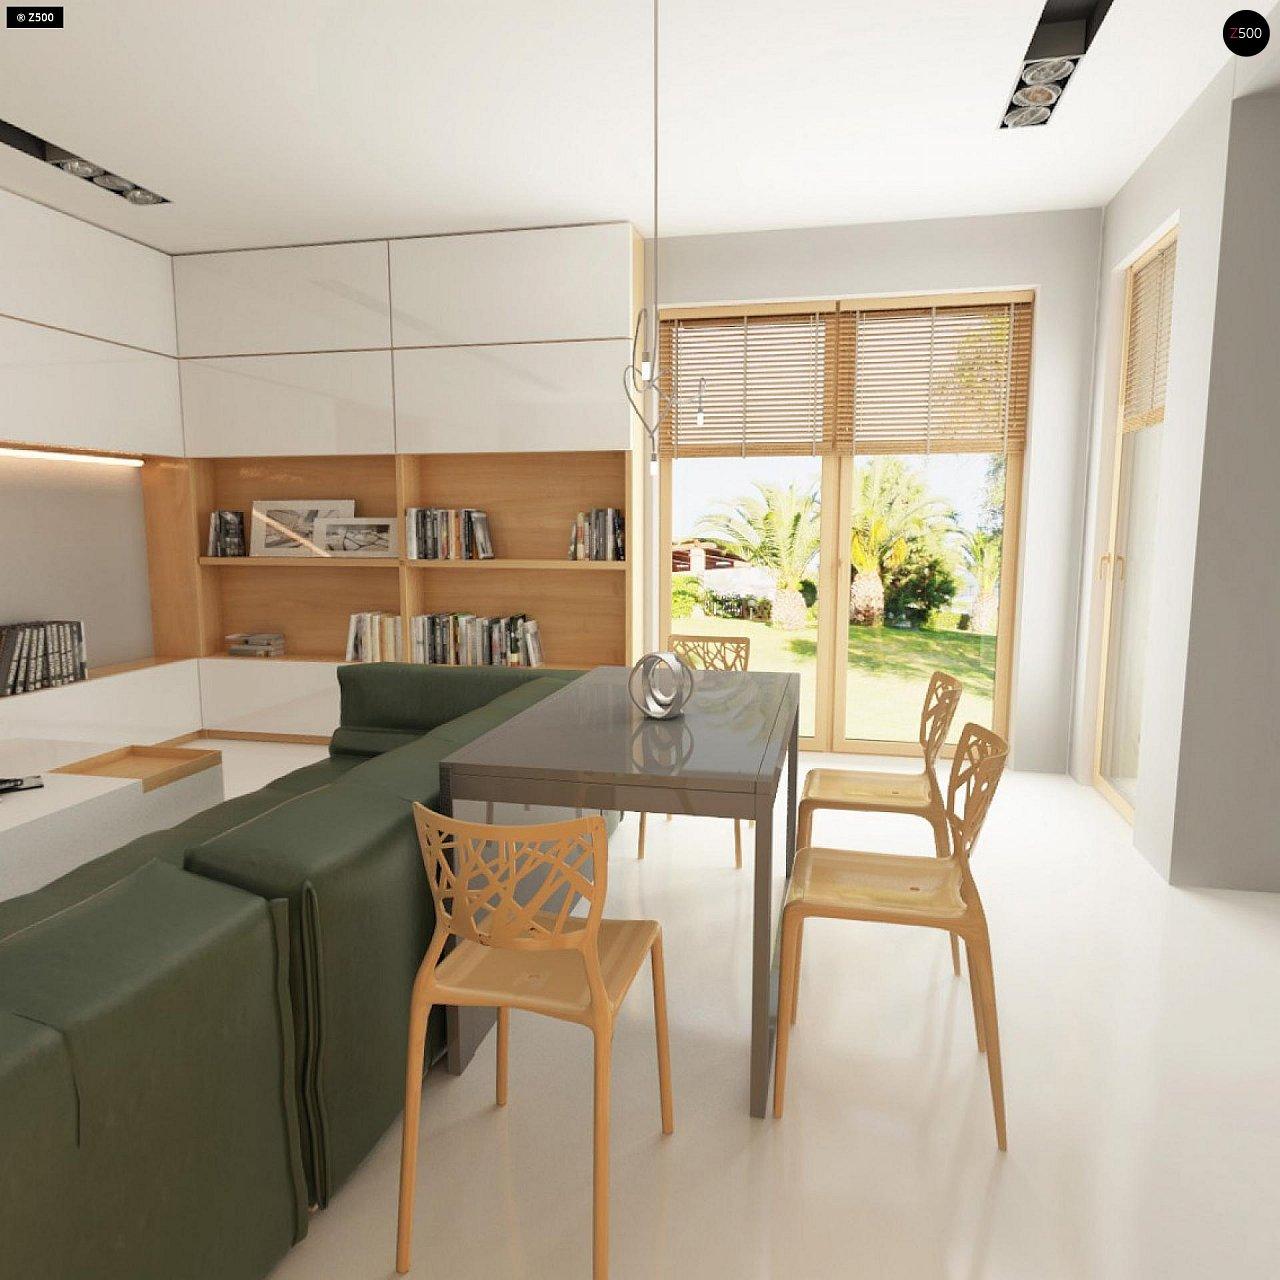 Прекрасное сочетание строгих минималистичных форм и уютного практичного интерьера. 10